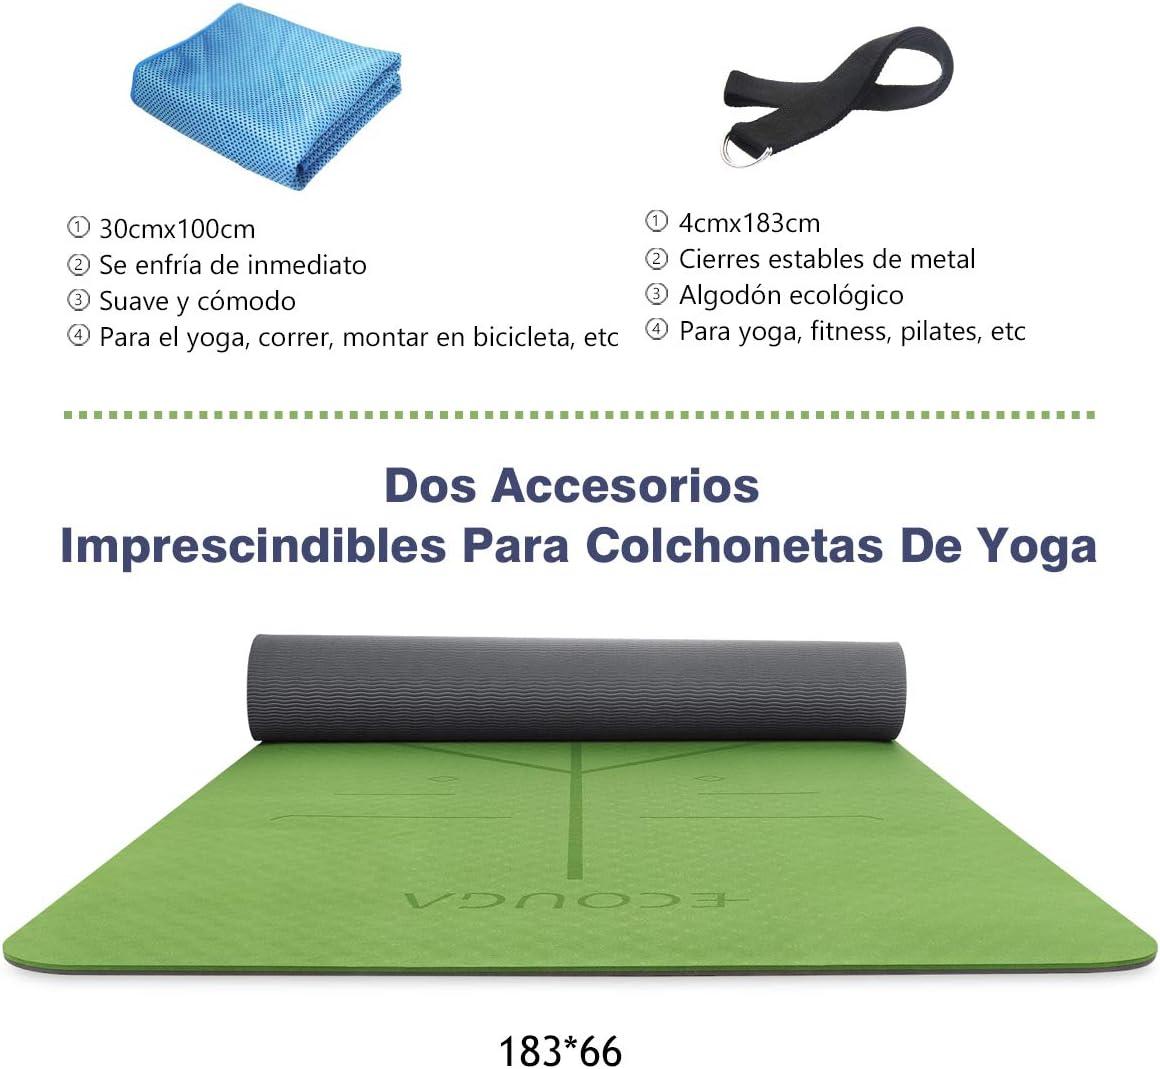 ECOUGA Colchoneta de Yoga Antideslizante con Línea Corporal para Pilates Ejercicio con Banda Tensión Toalla de Hielo Sin PVC Eco Friendly y Duradera 183x66cmx6mm (Verde): Amazon.es: Deportes y aire libre